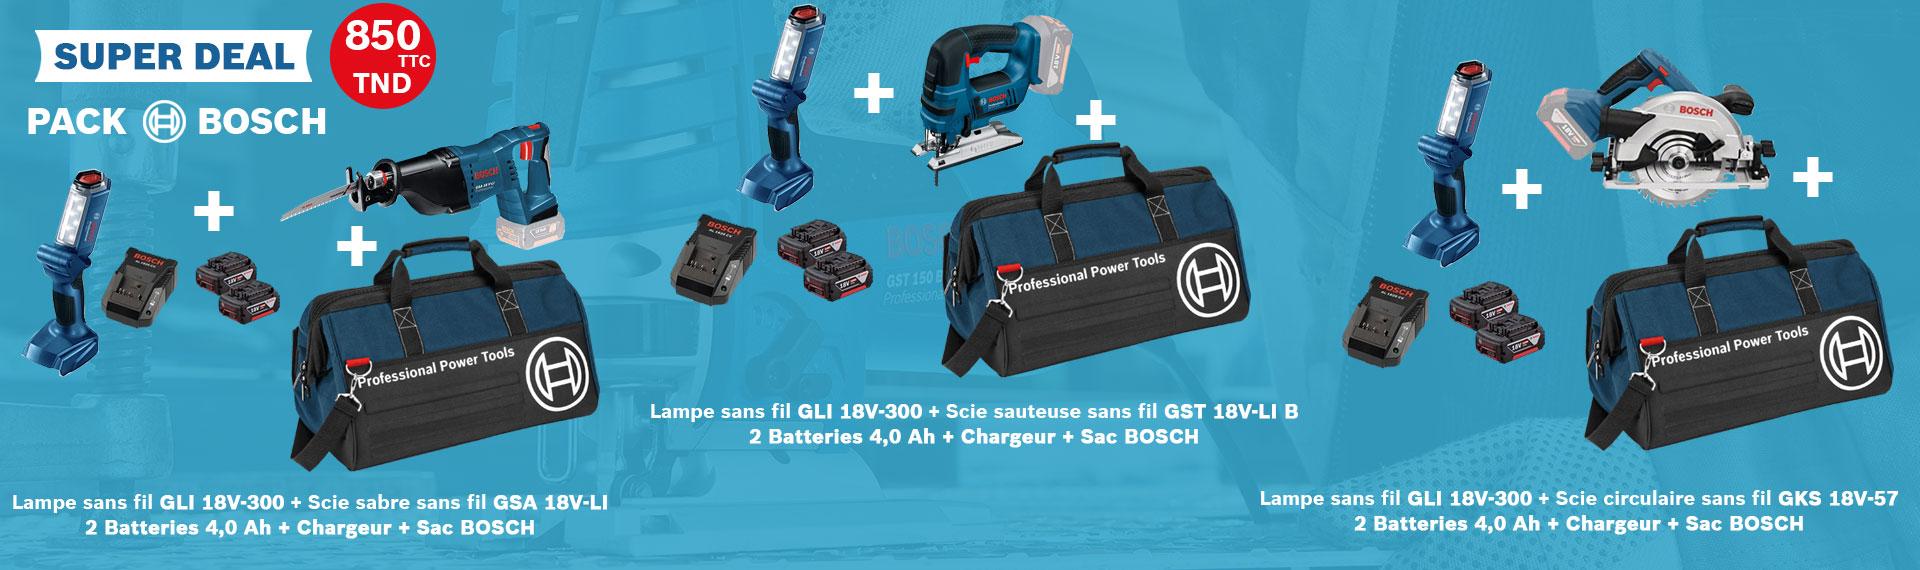 Bosch 850dt